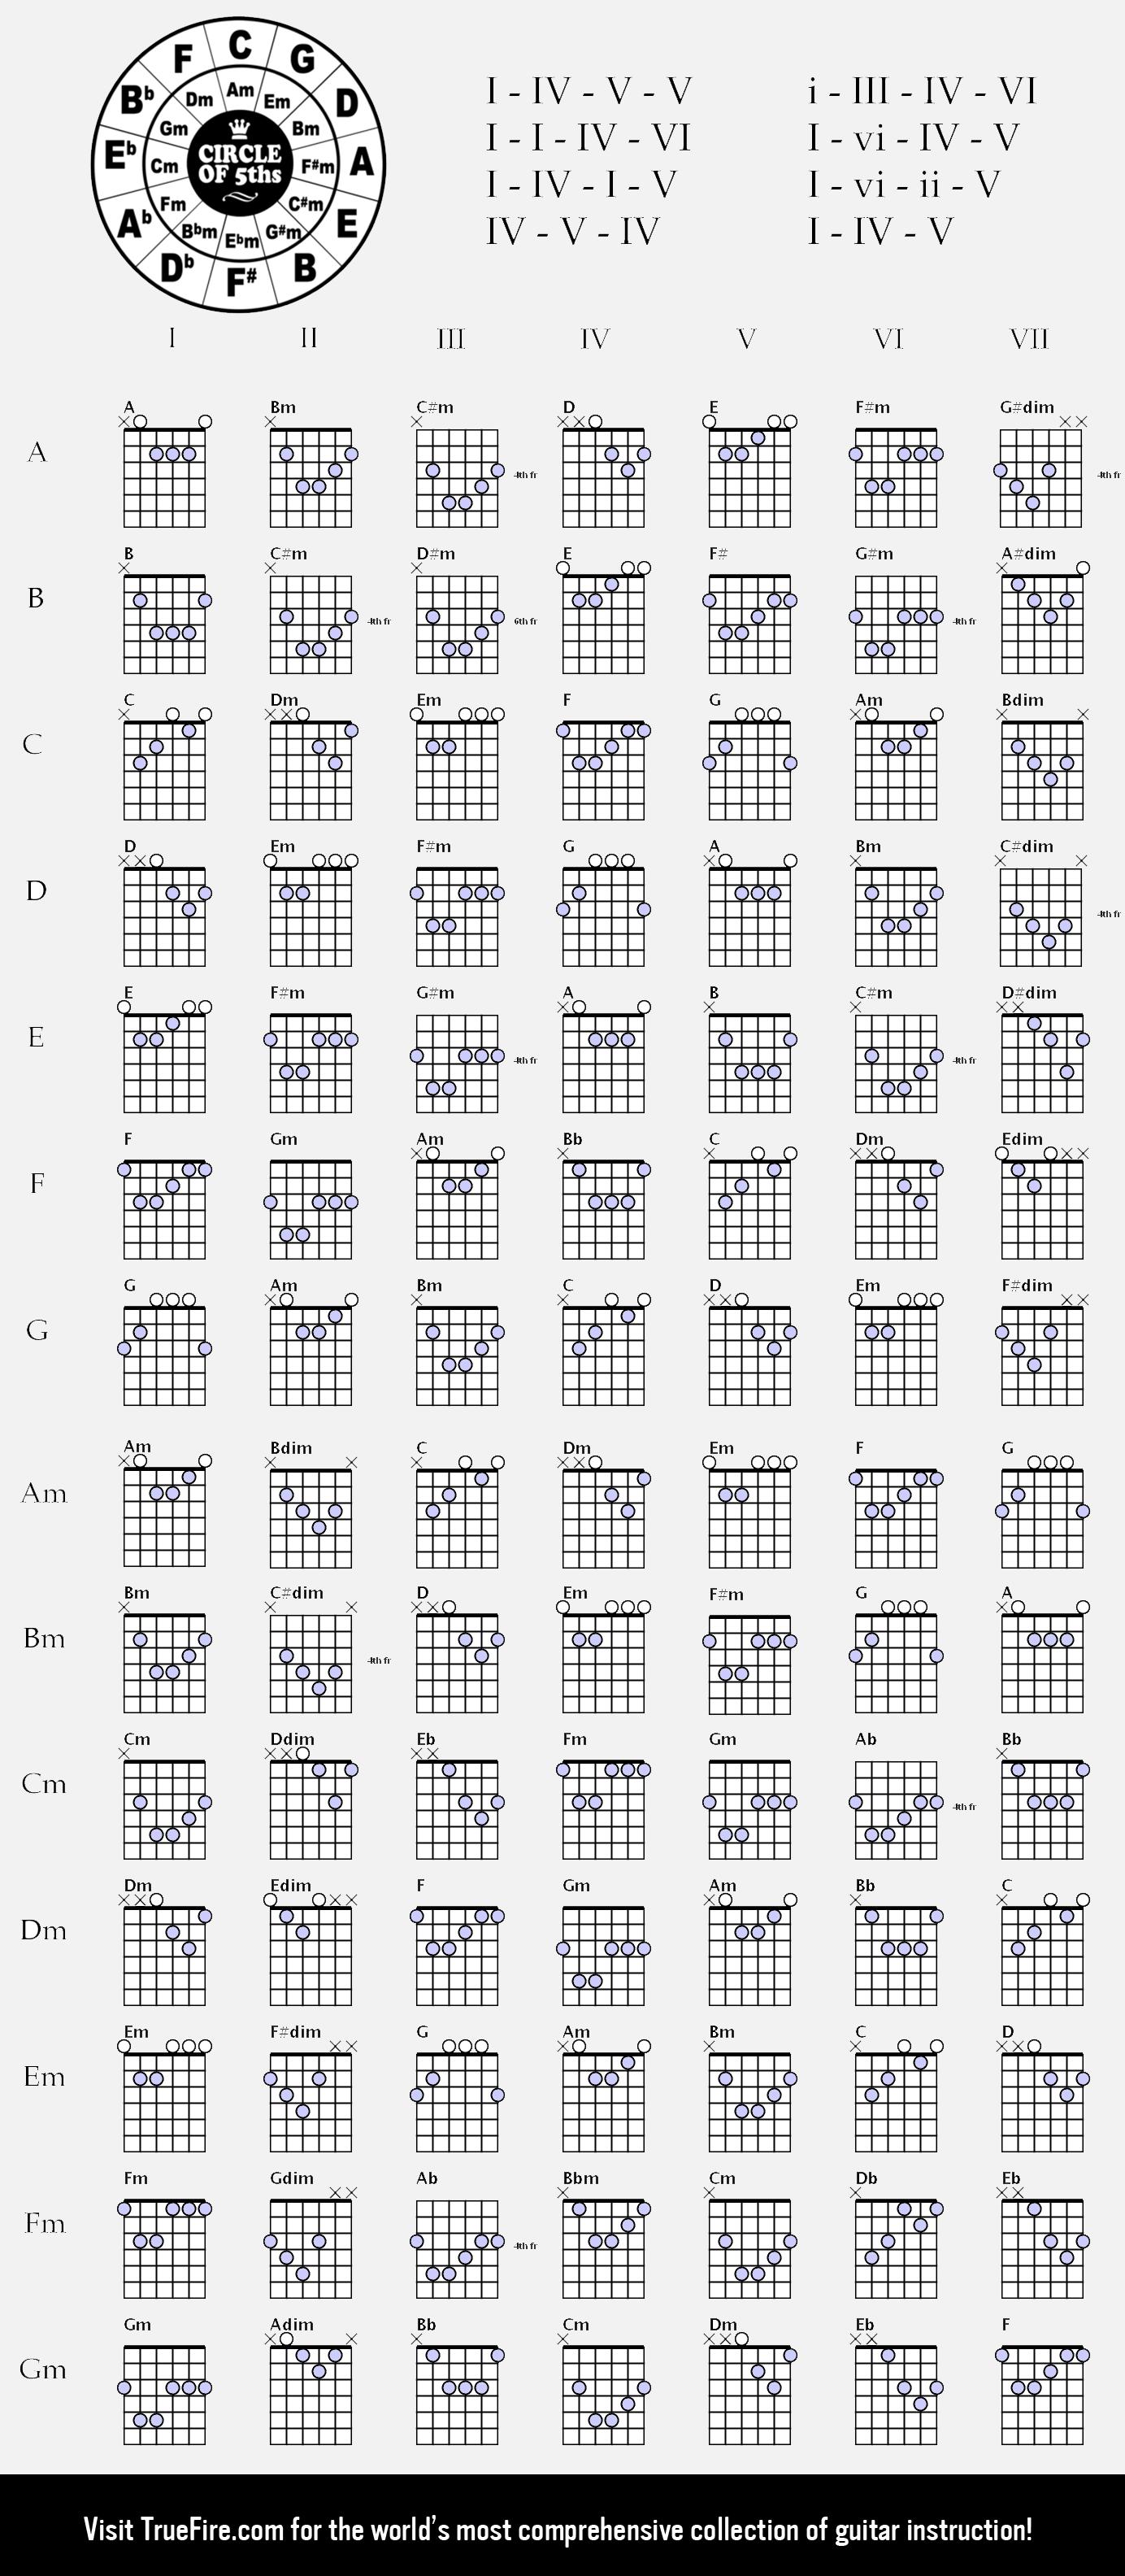 Ultimate Guitar Chord Chartg 13843168 Guitar Music